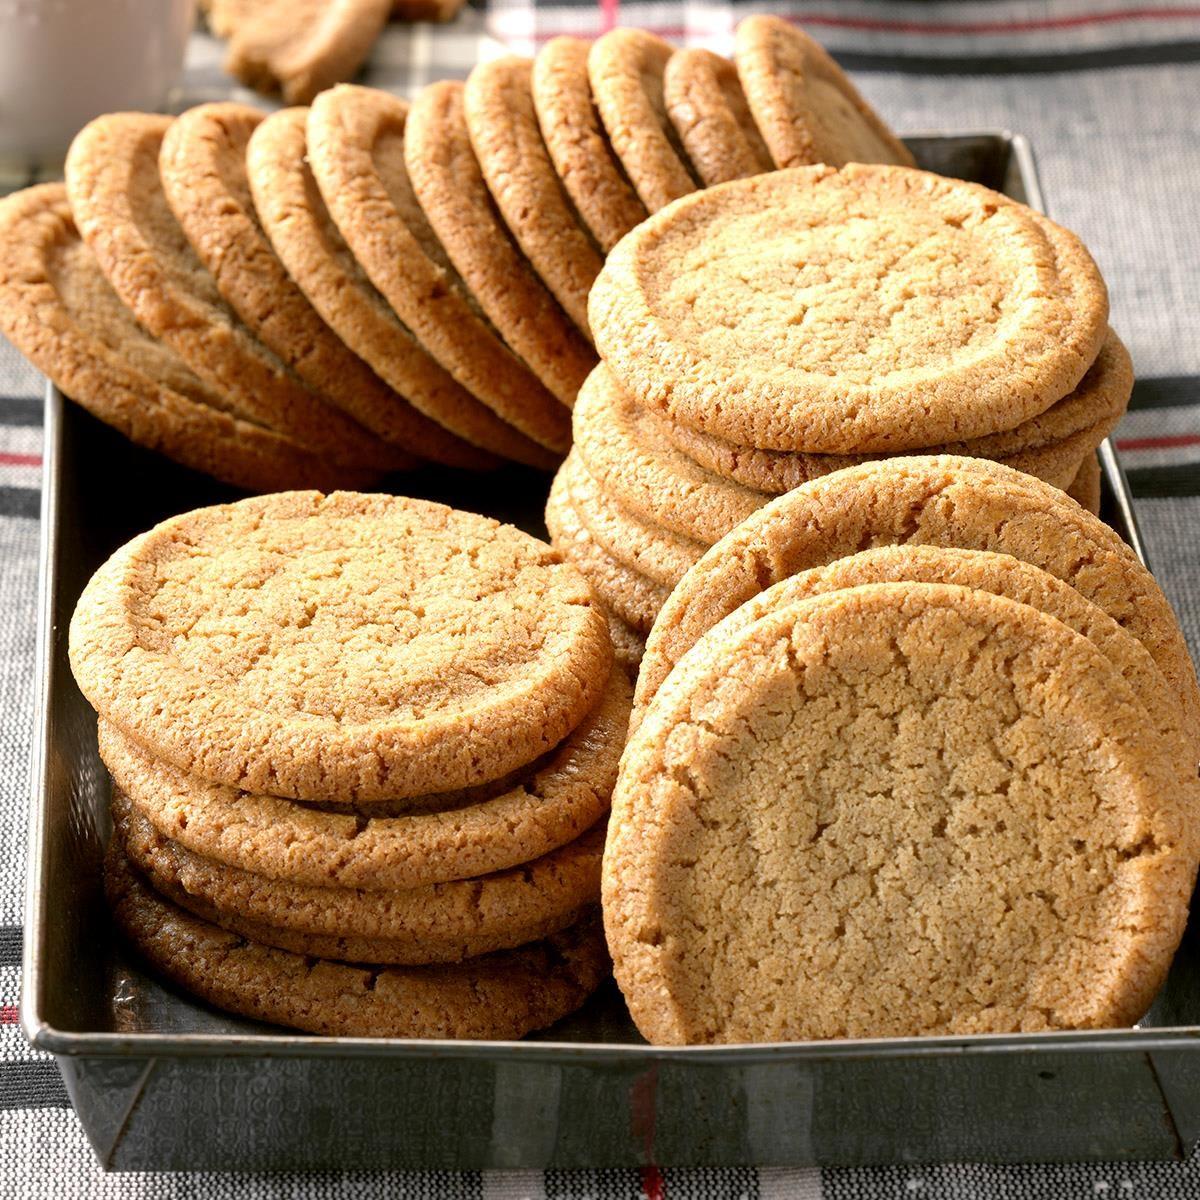 sinterklaas cookies recipe taste of home